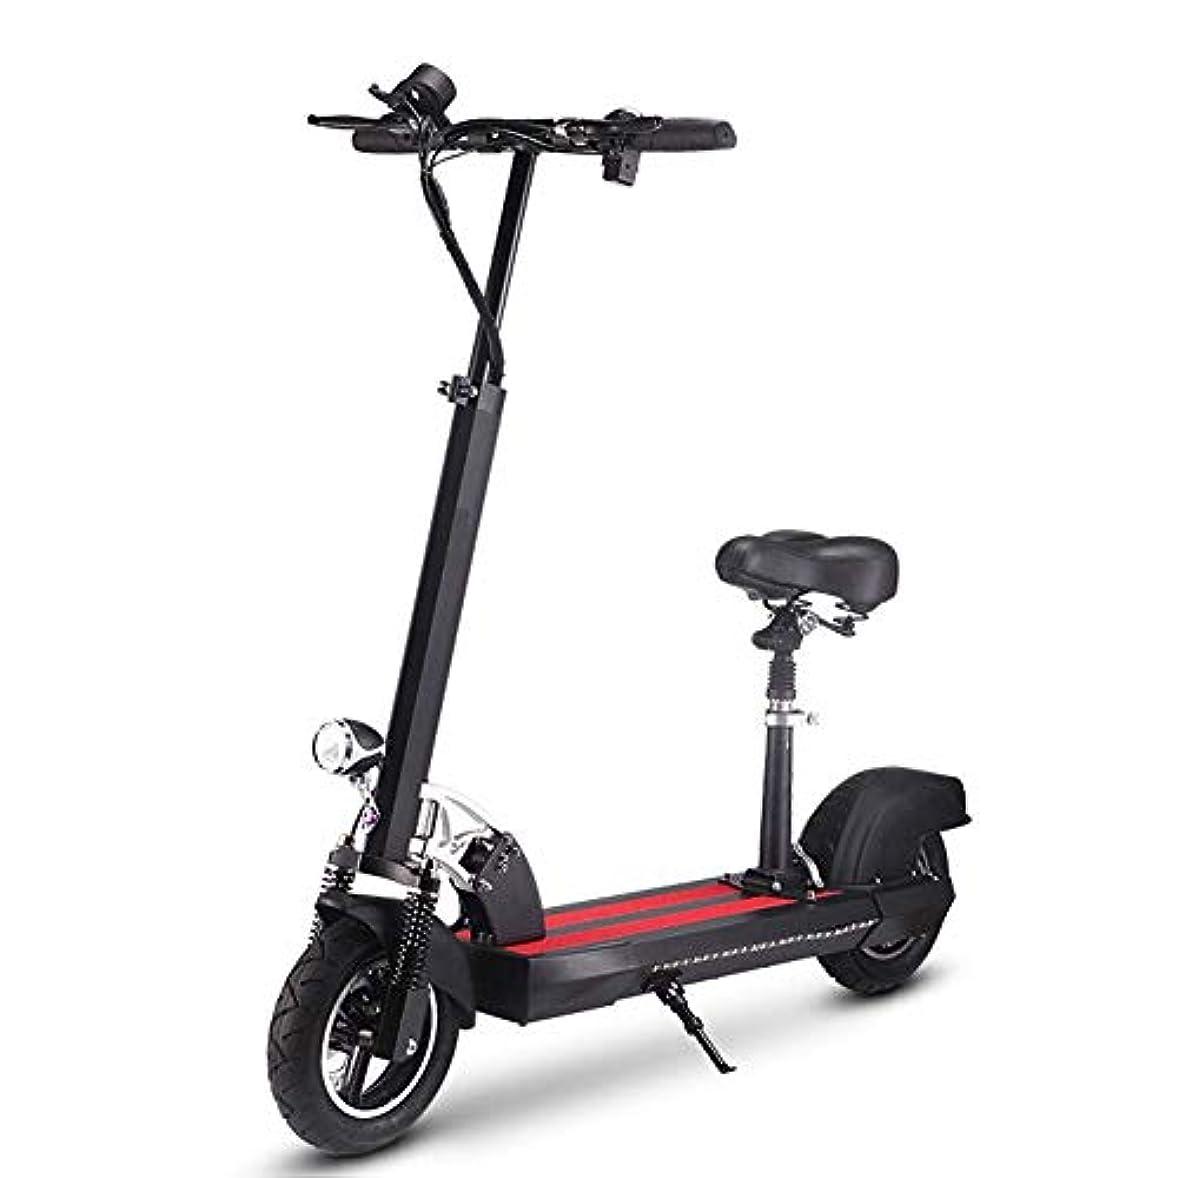 異議ジュラシックパーク債務電動スクーター折りたたみローラースクーター電動スクーター30 Kmリーチ電動スクーター大人と子供の高さ調節可能,黒,36V+15.6AH